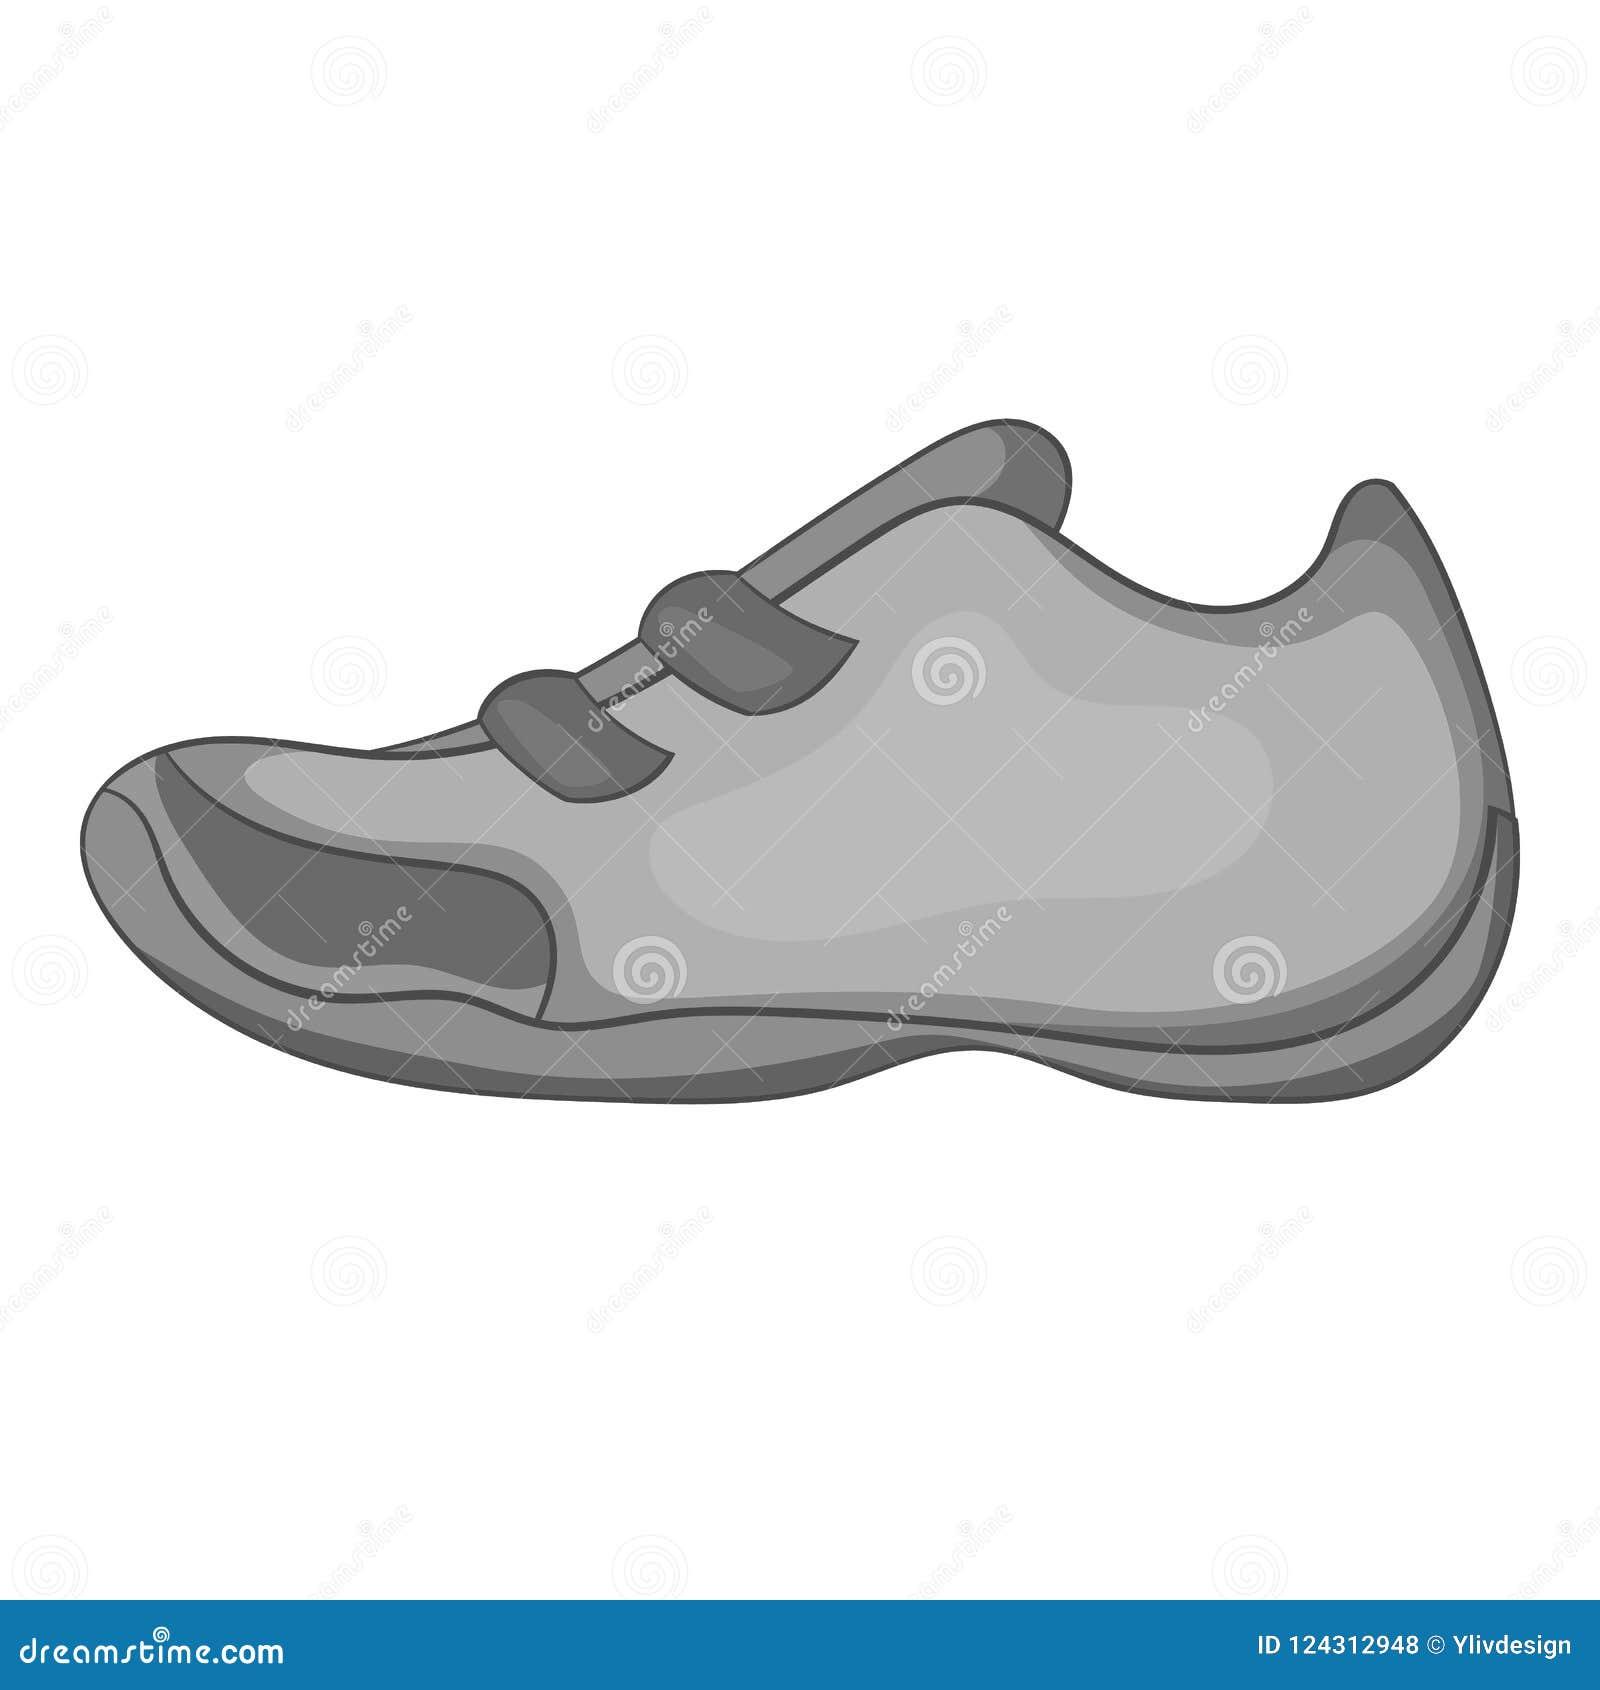 De Monocromático Deporte TenisEstilo El Del Icono Para Zapatillas XPlwkZTOiu